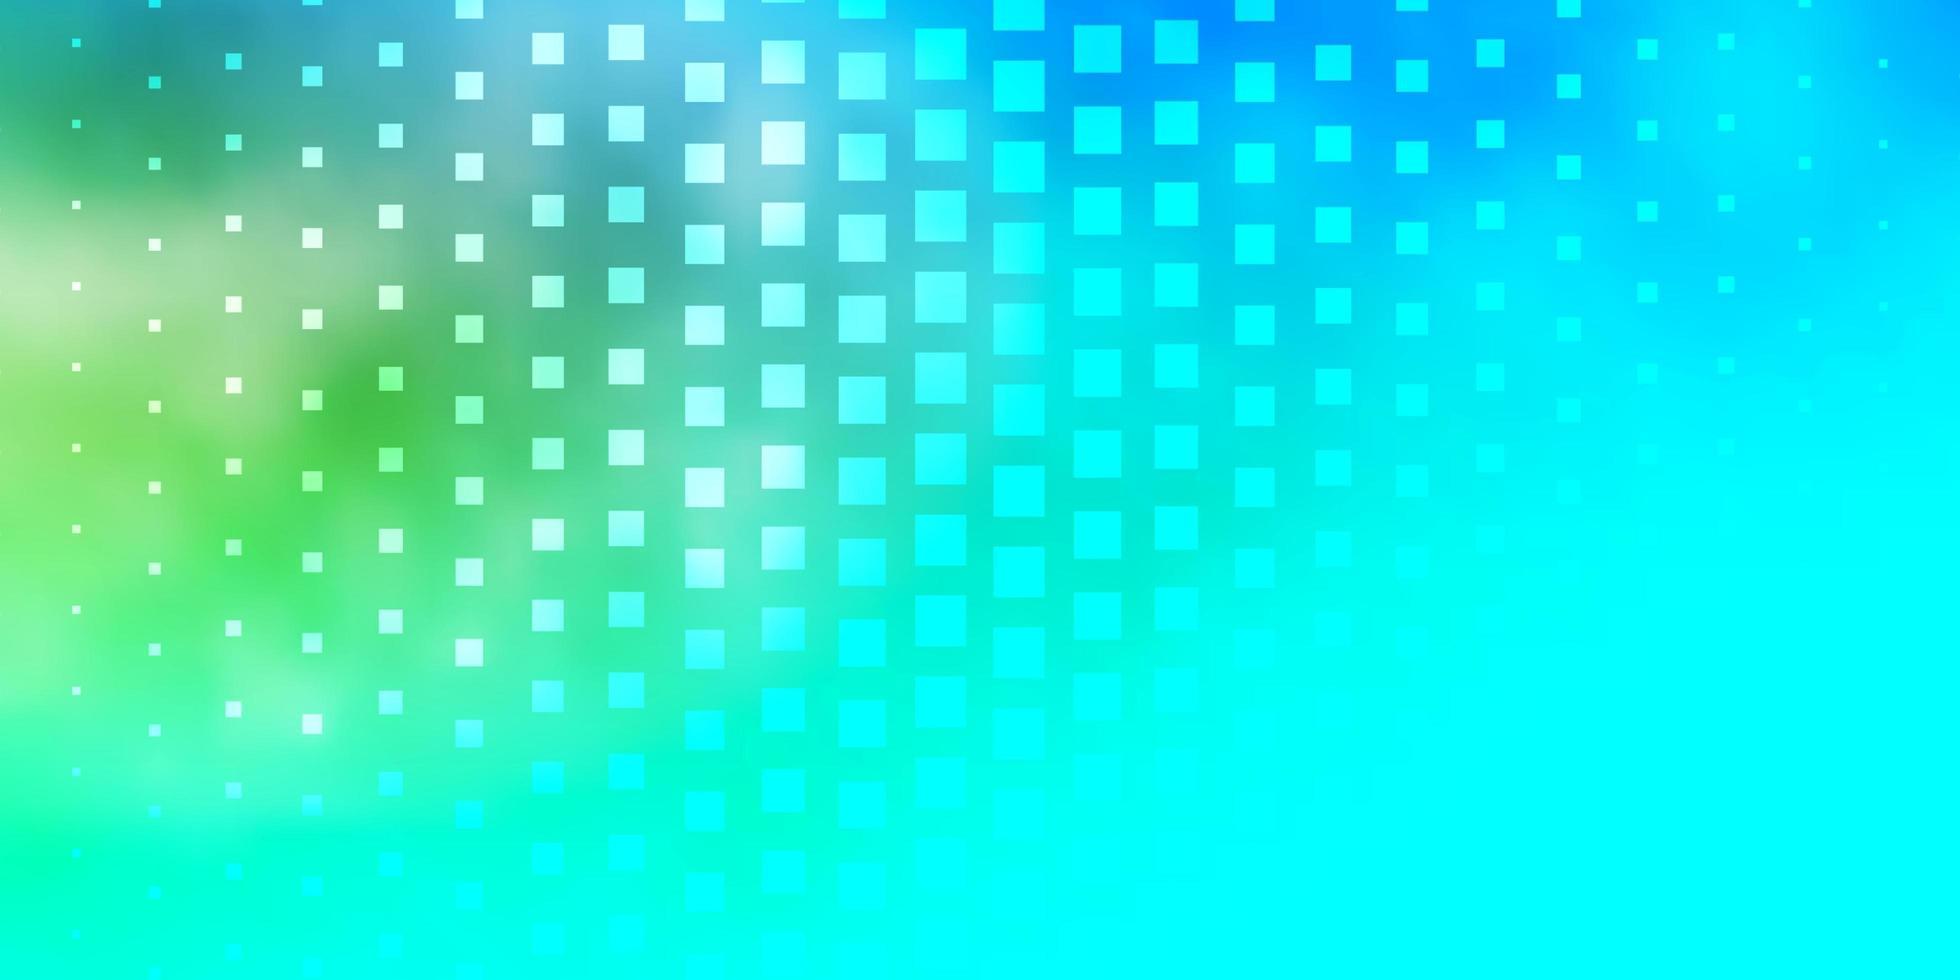 azul claro, padrão de vetor amarelo em estilo quadrado.